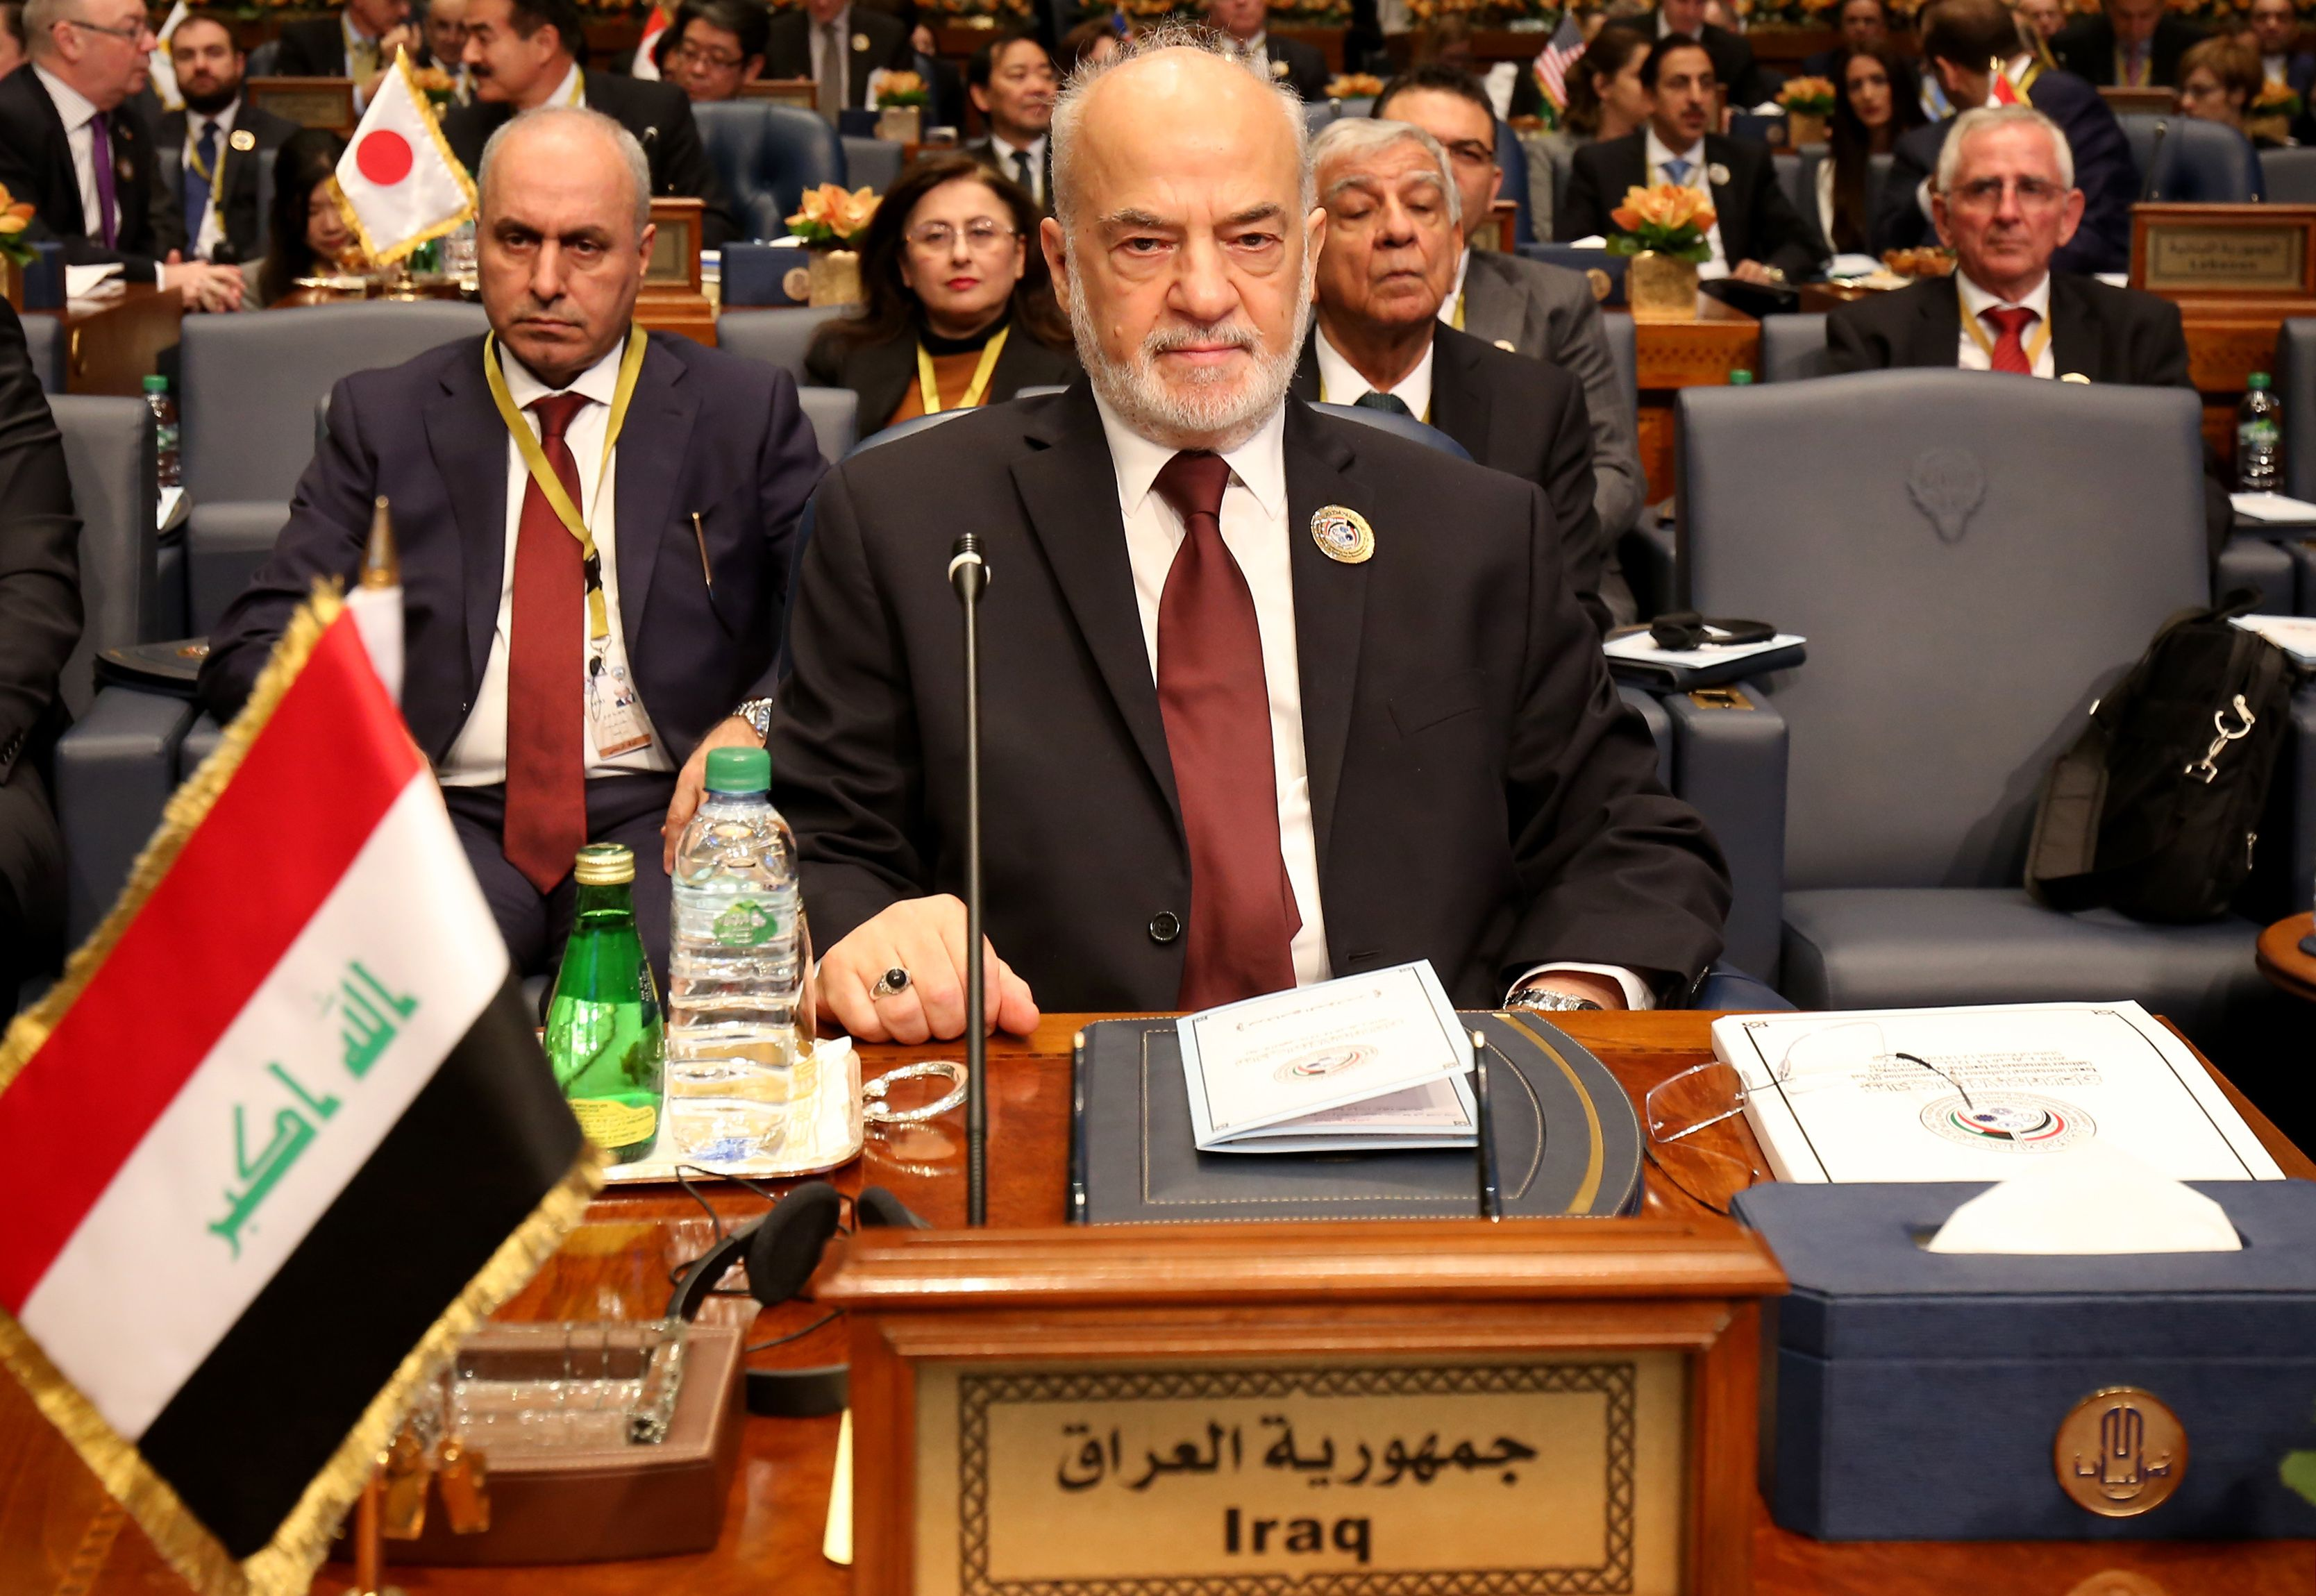 وزير الخارجية العراقي ابراهيم الجعفري